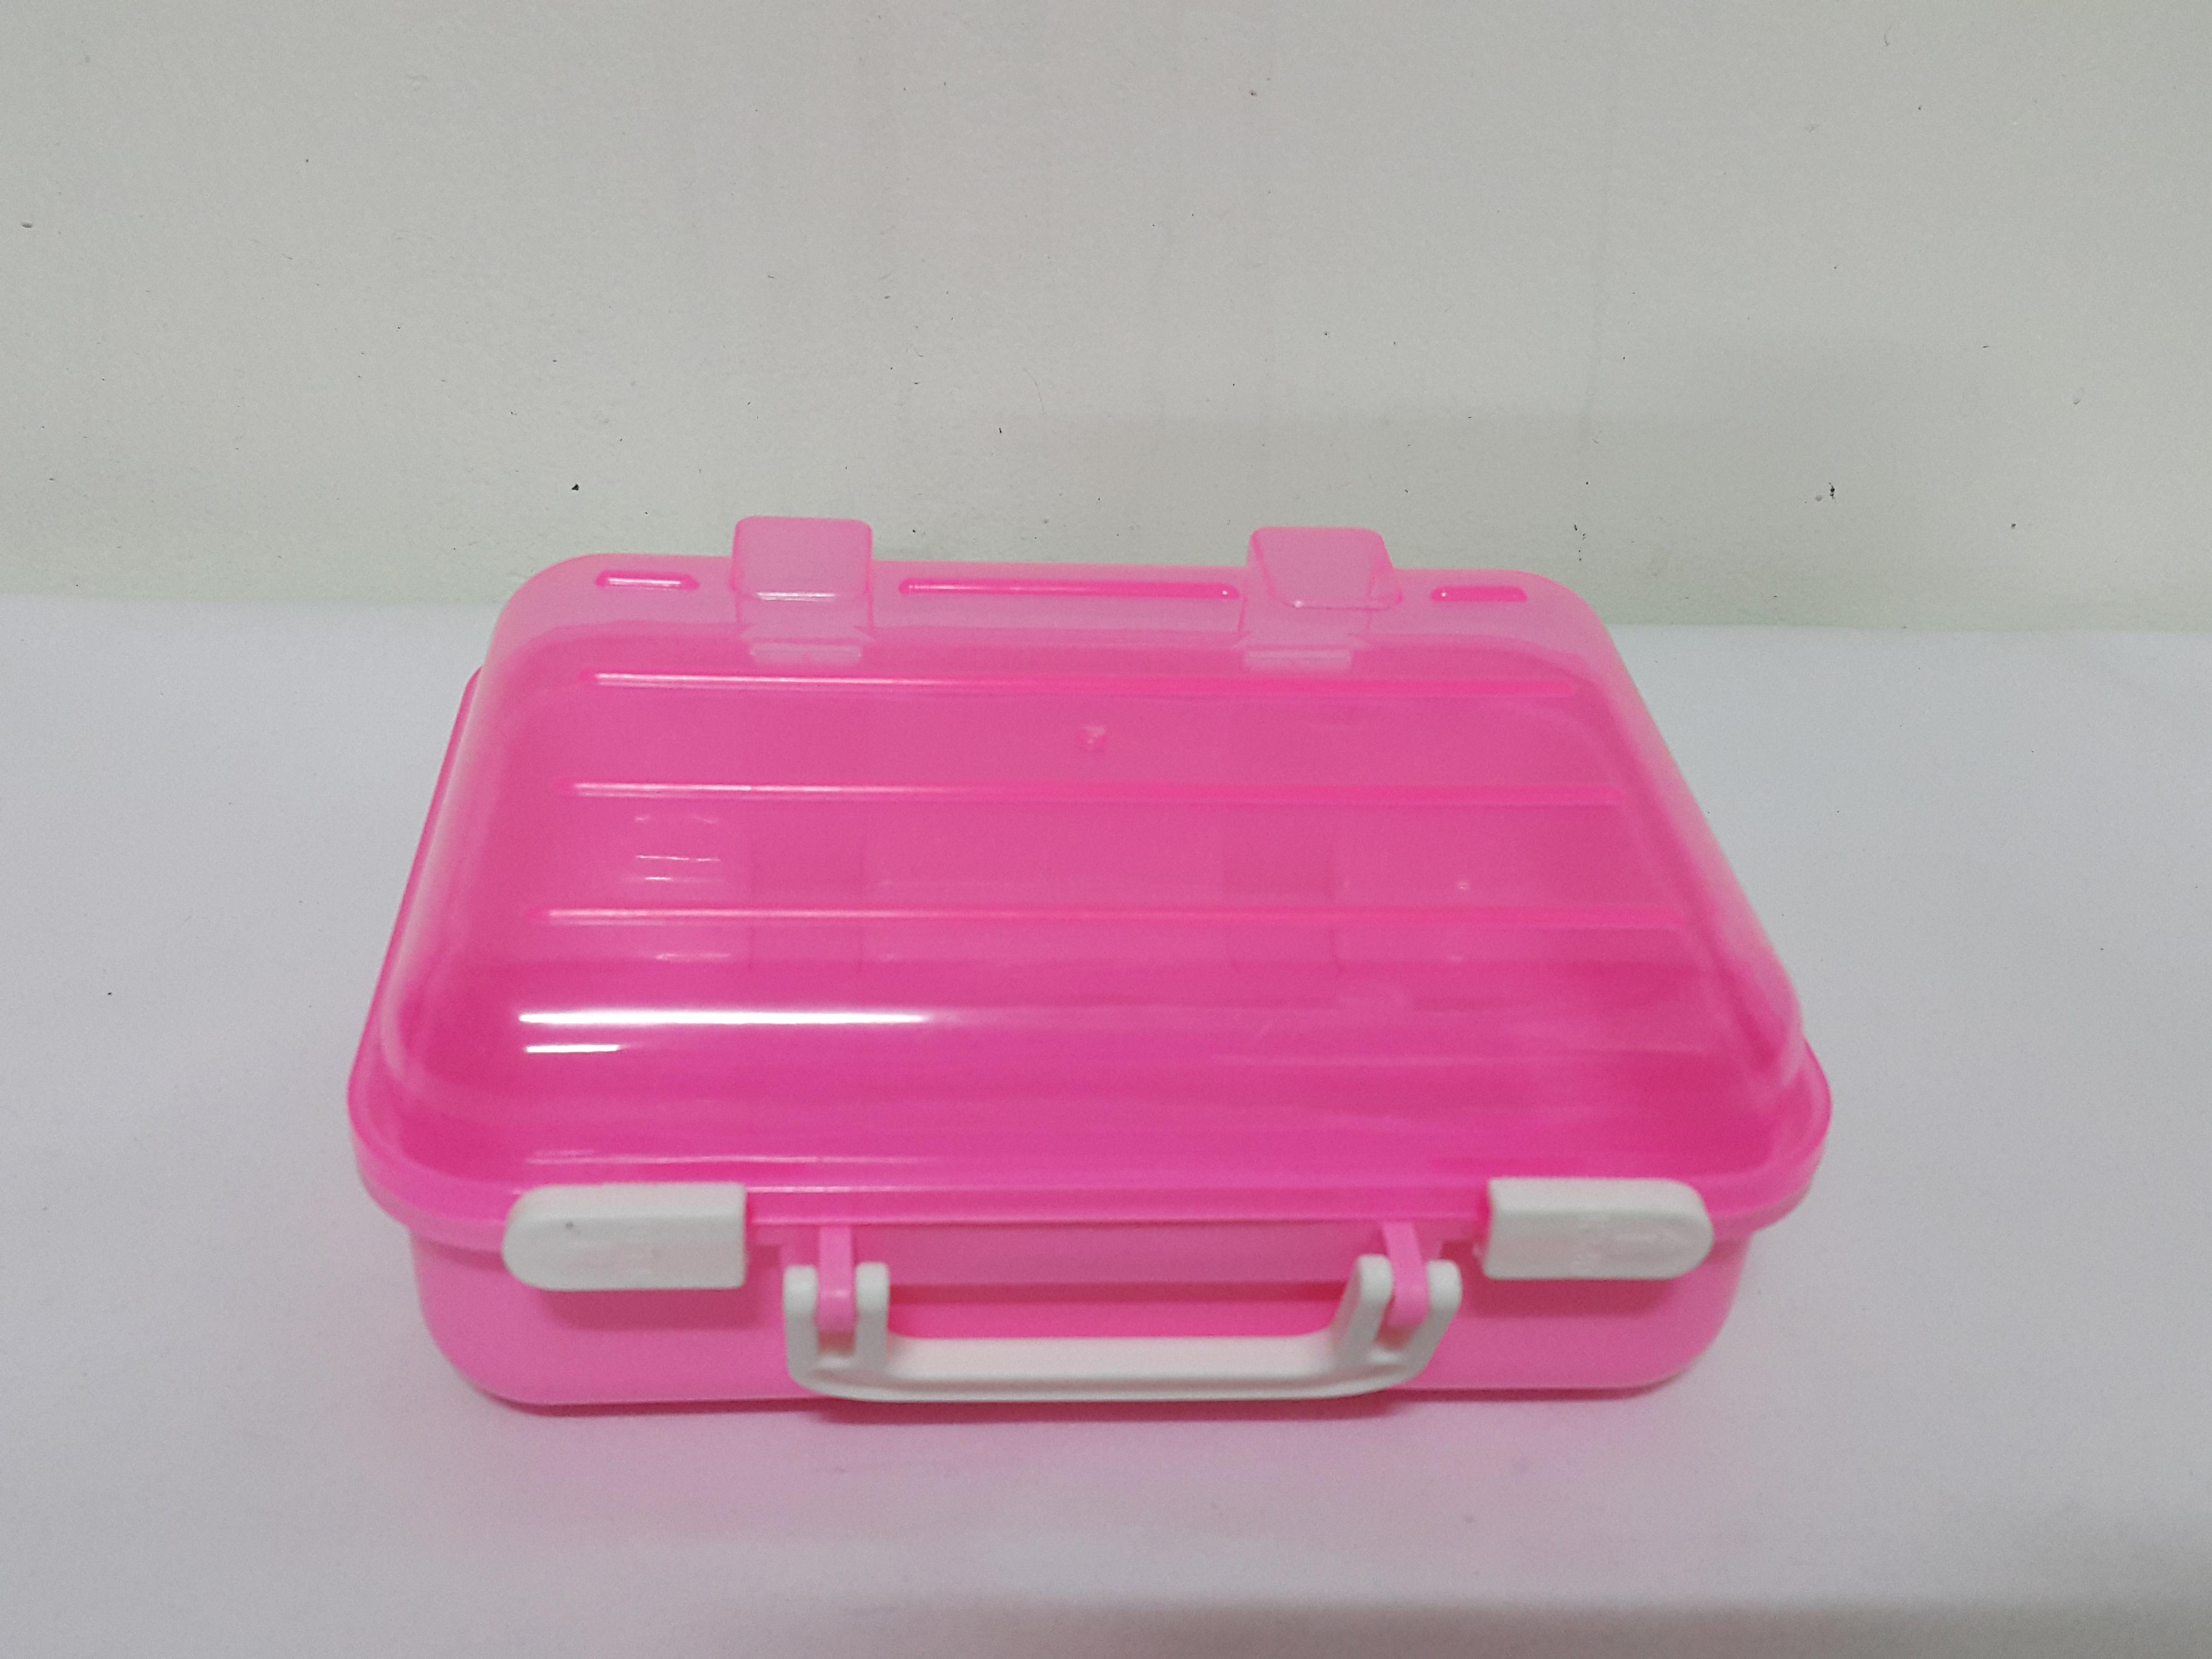 กล่องกระเป๋าเดินทาง มีหูหิ้ว (B001)